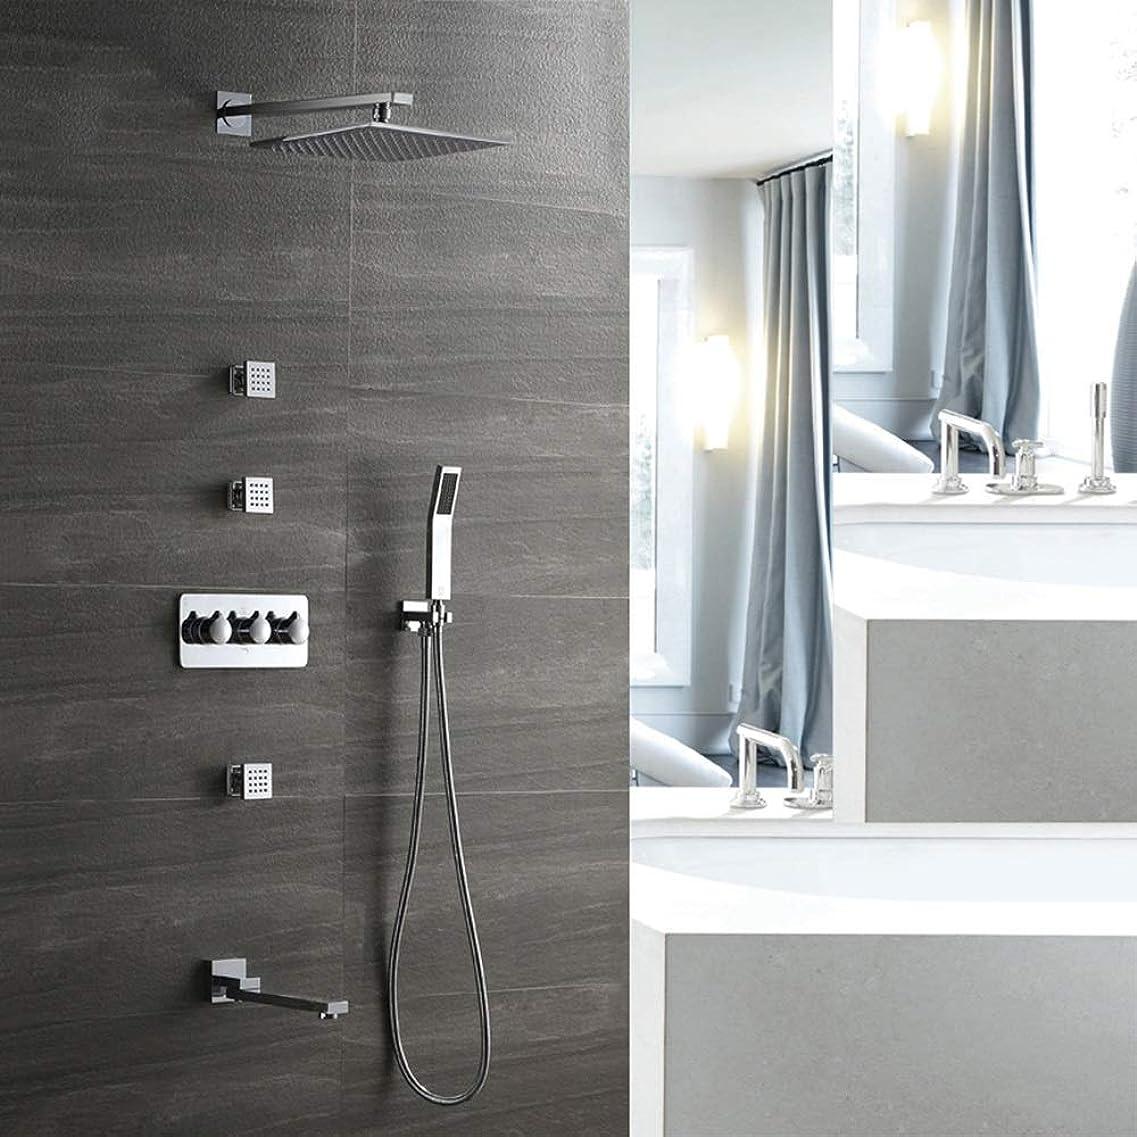 コンベンションぺディカブ間違えたBZM-ZM 給水は、セットシャワーセットオール銅壁掛け隠されたシャワーの蛇口フォー機能プリ埋め込まボックス250スクエアトップスプレーシャワー